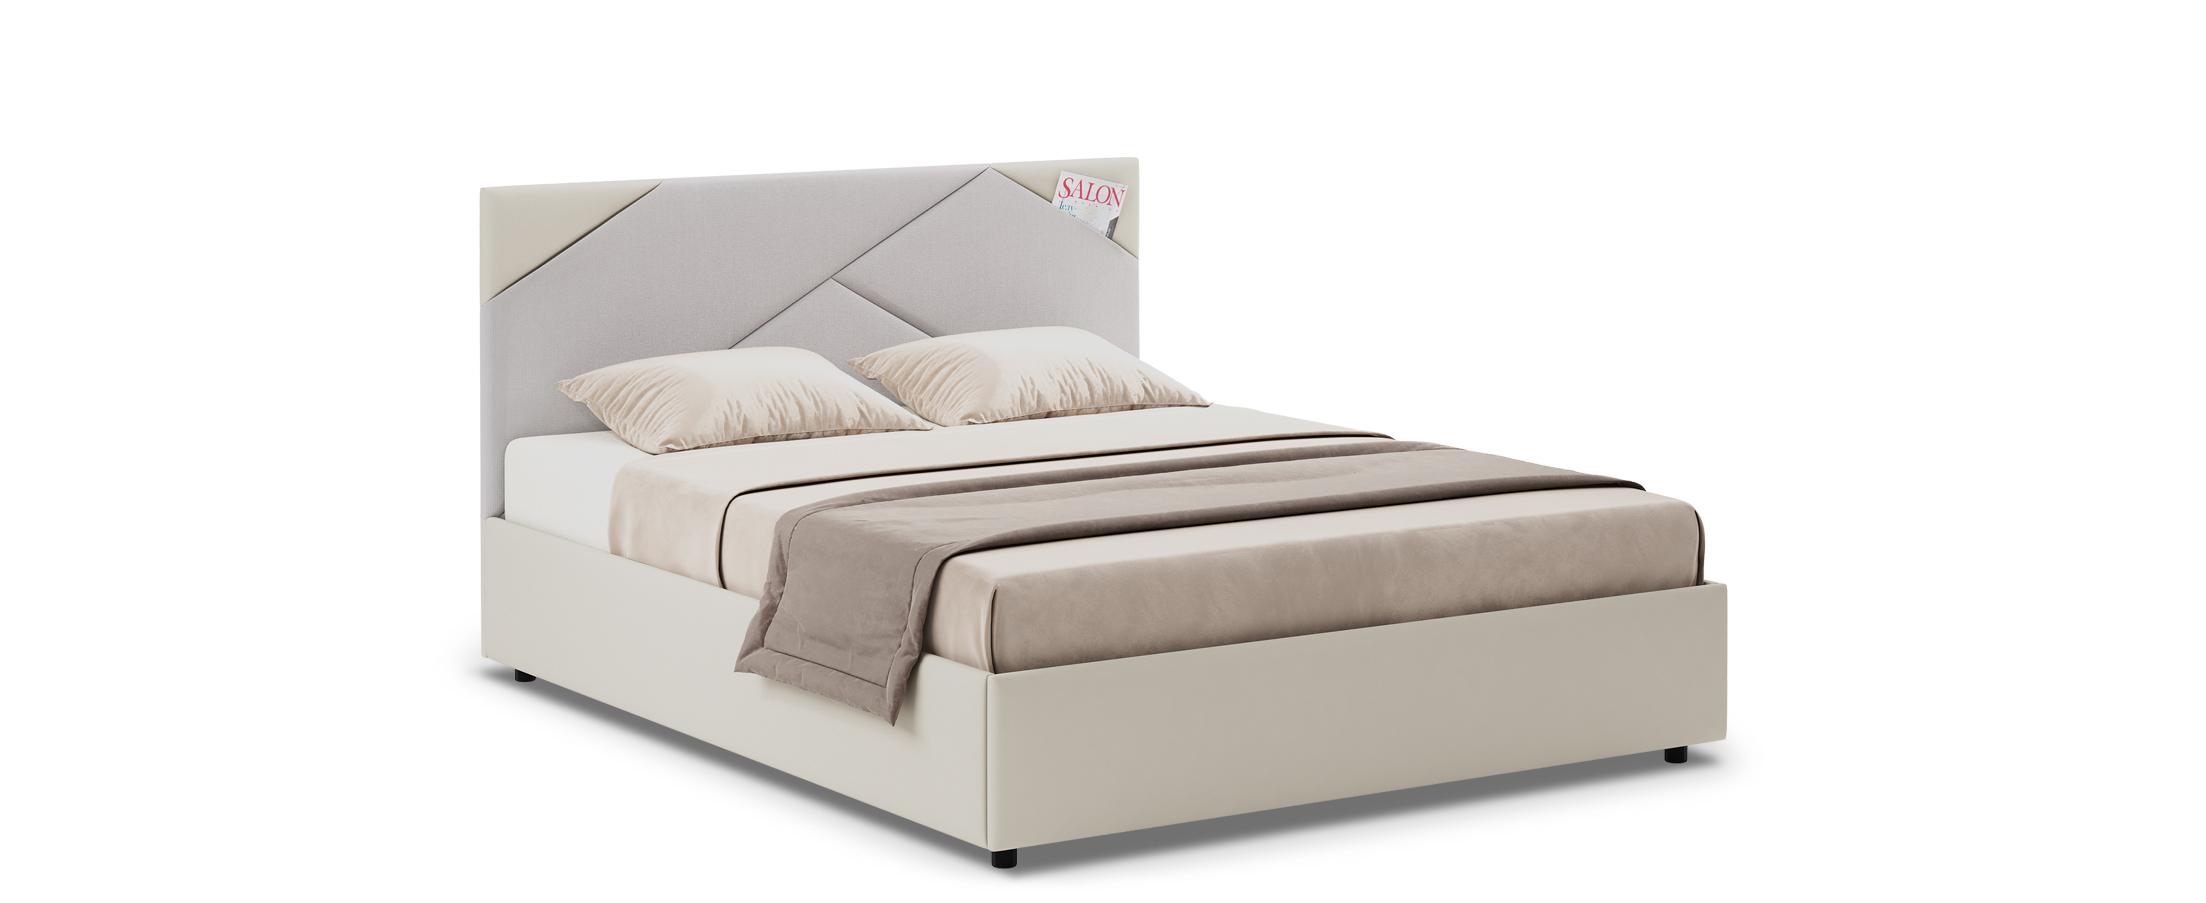 Кровать двуспальная Альба 140х200 Модель 1206Уникальность кровати Альба заключается в геометрических элементах мягкого изголовья, такой дизайнерский прием поможет задать ритм всему интерьеру.